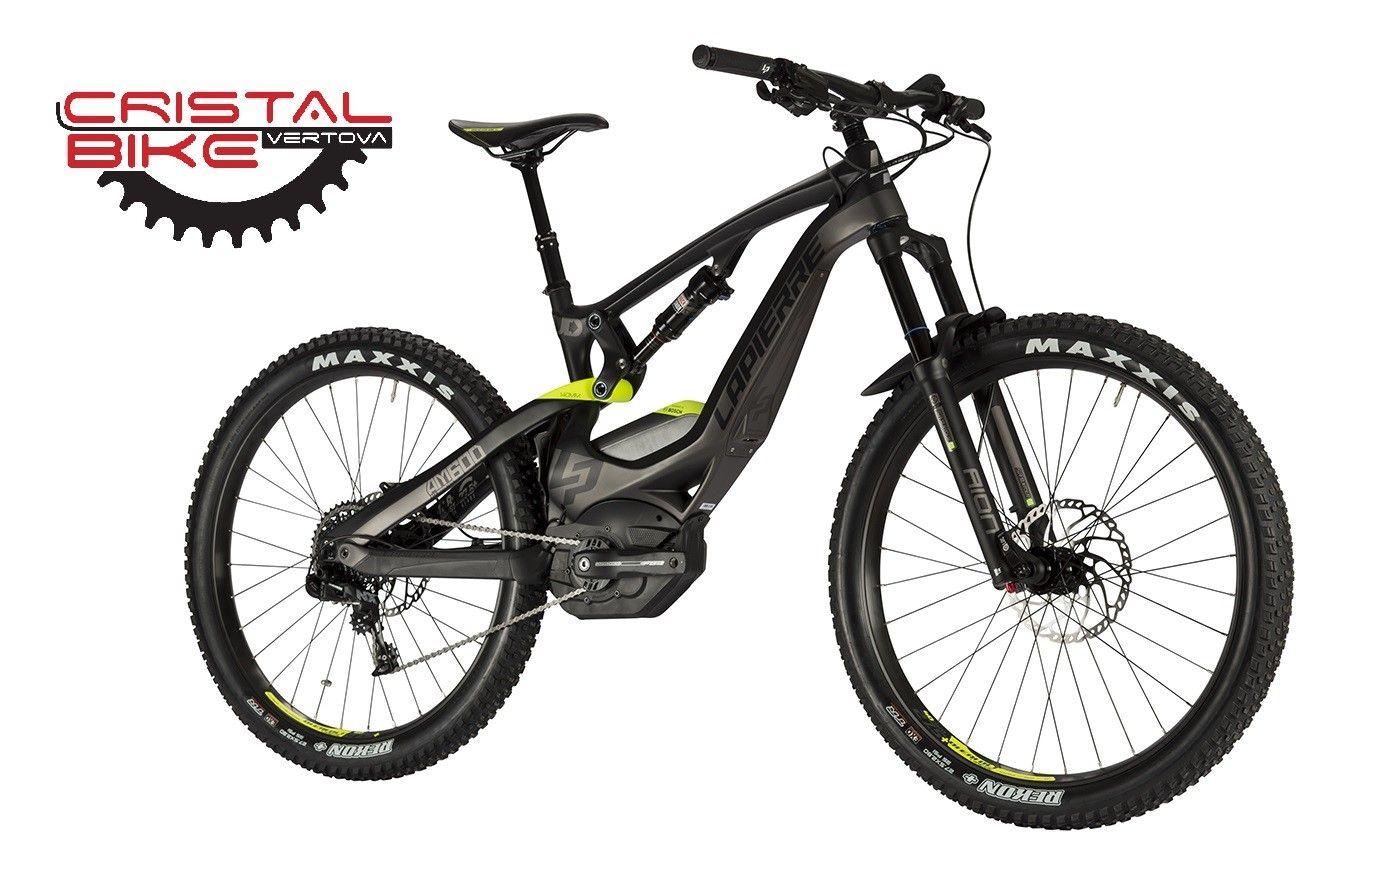 Bici elettrica Lapierre OVERVOLT AM 600+ CARBON Bosch 2018 ...